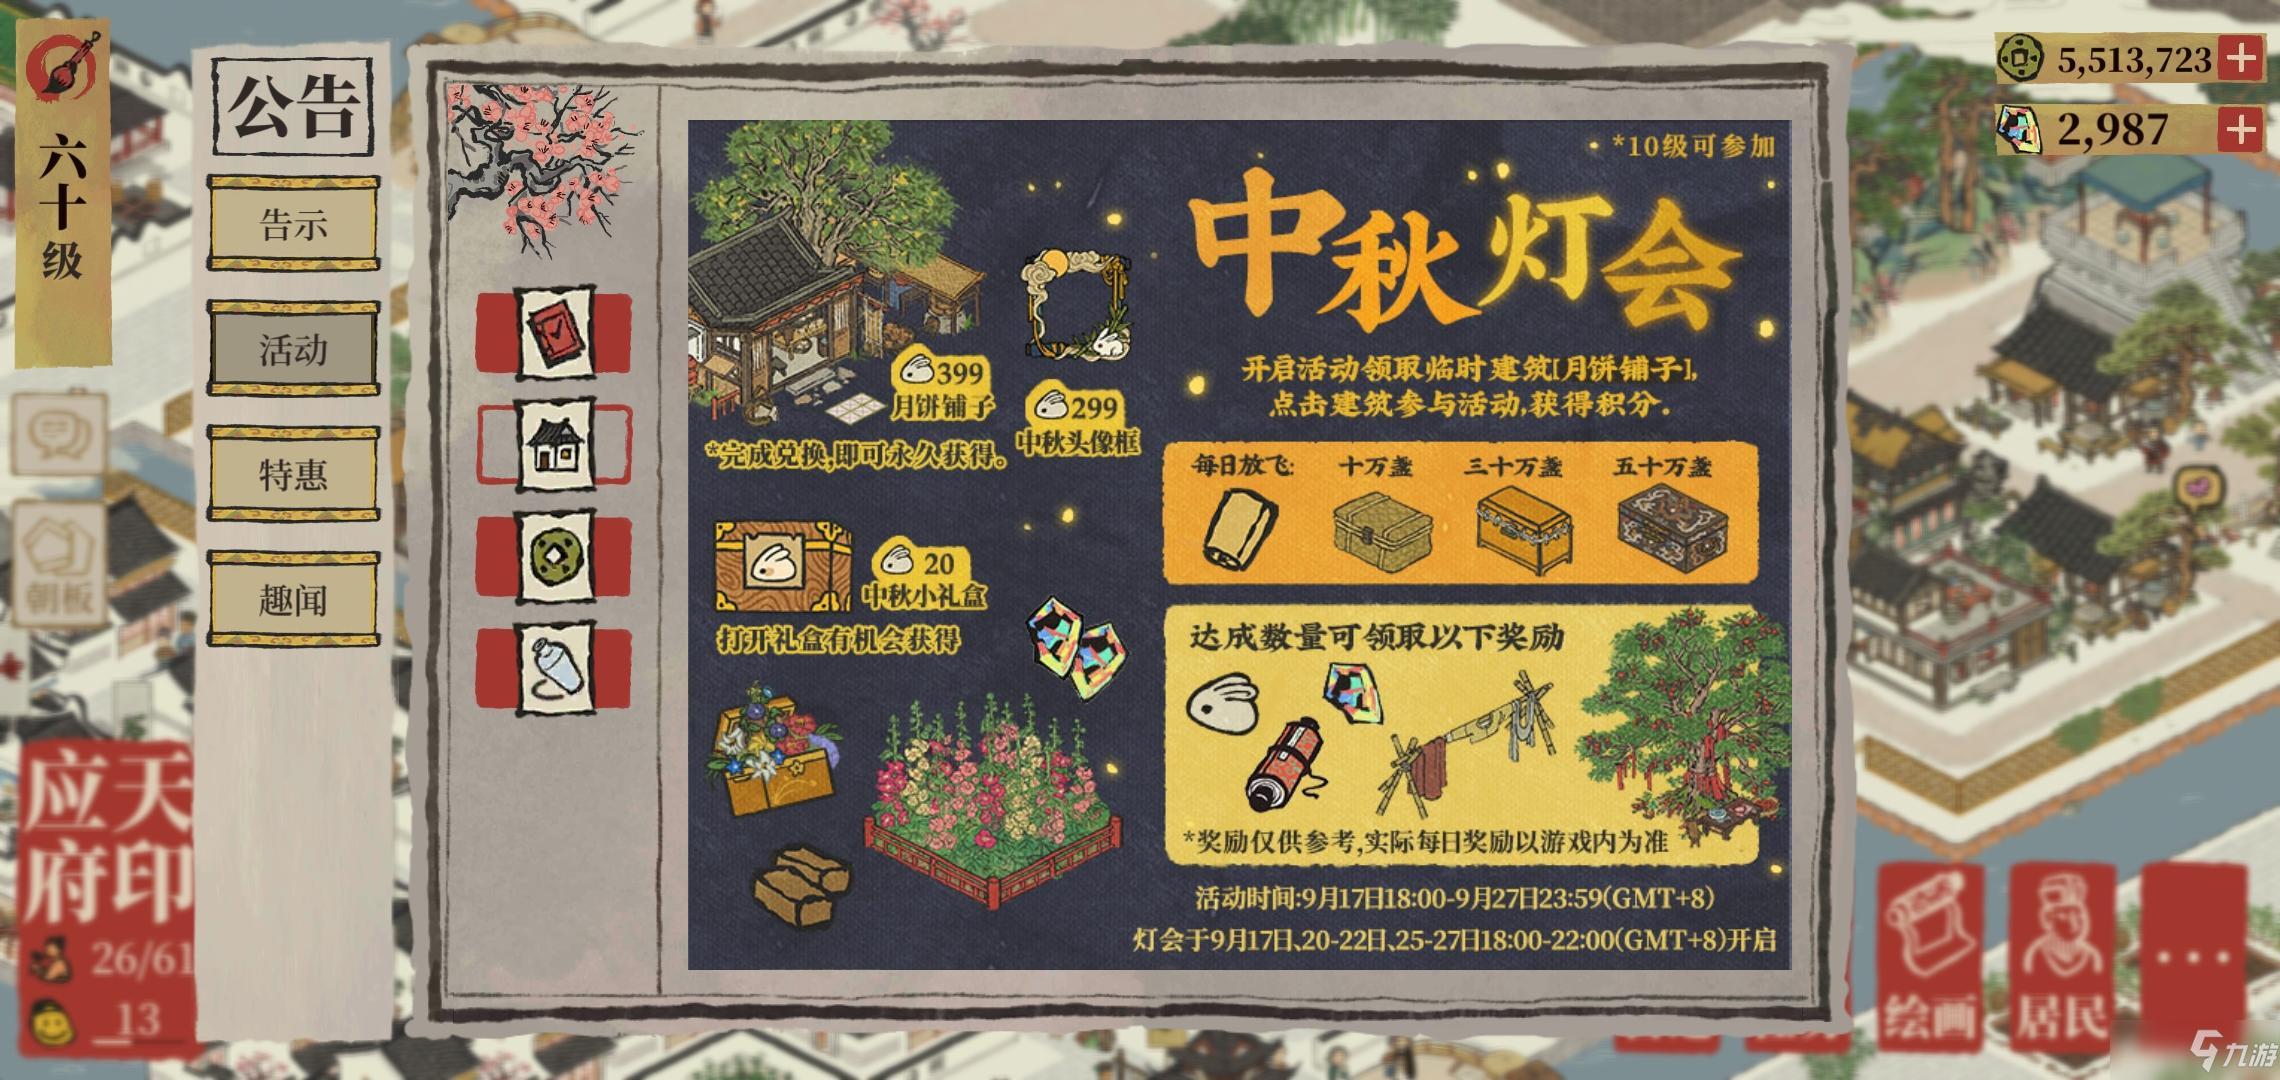 《江南百景图》月饼铺子获取方法分享